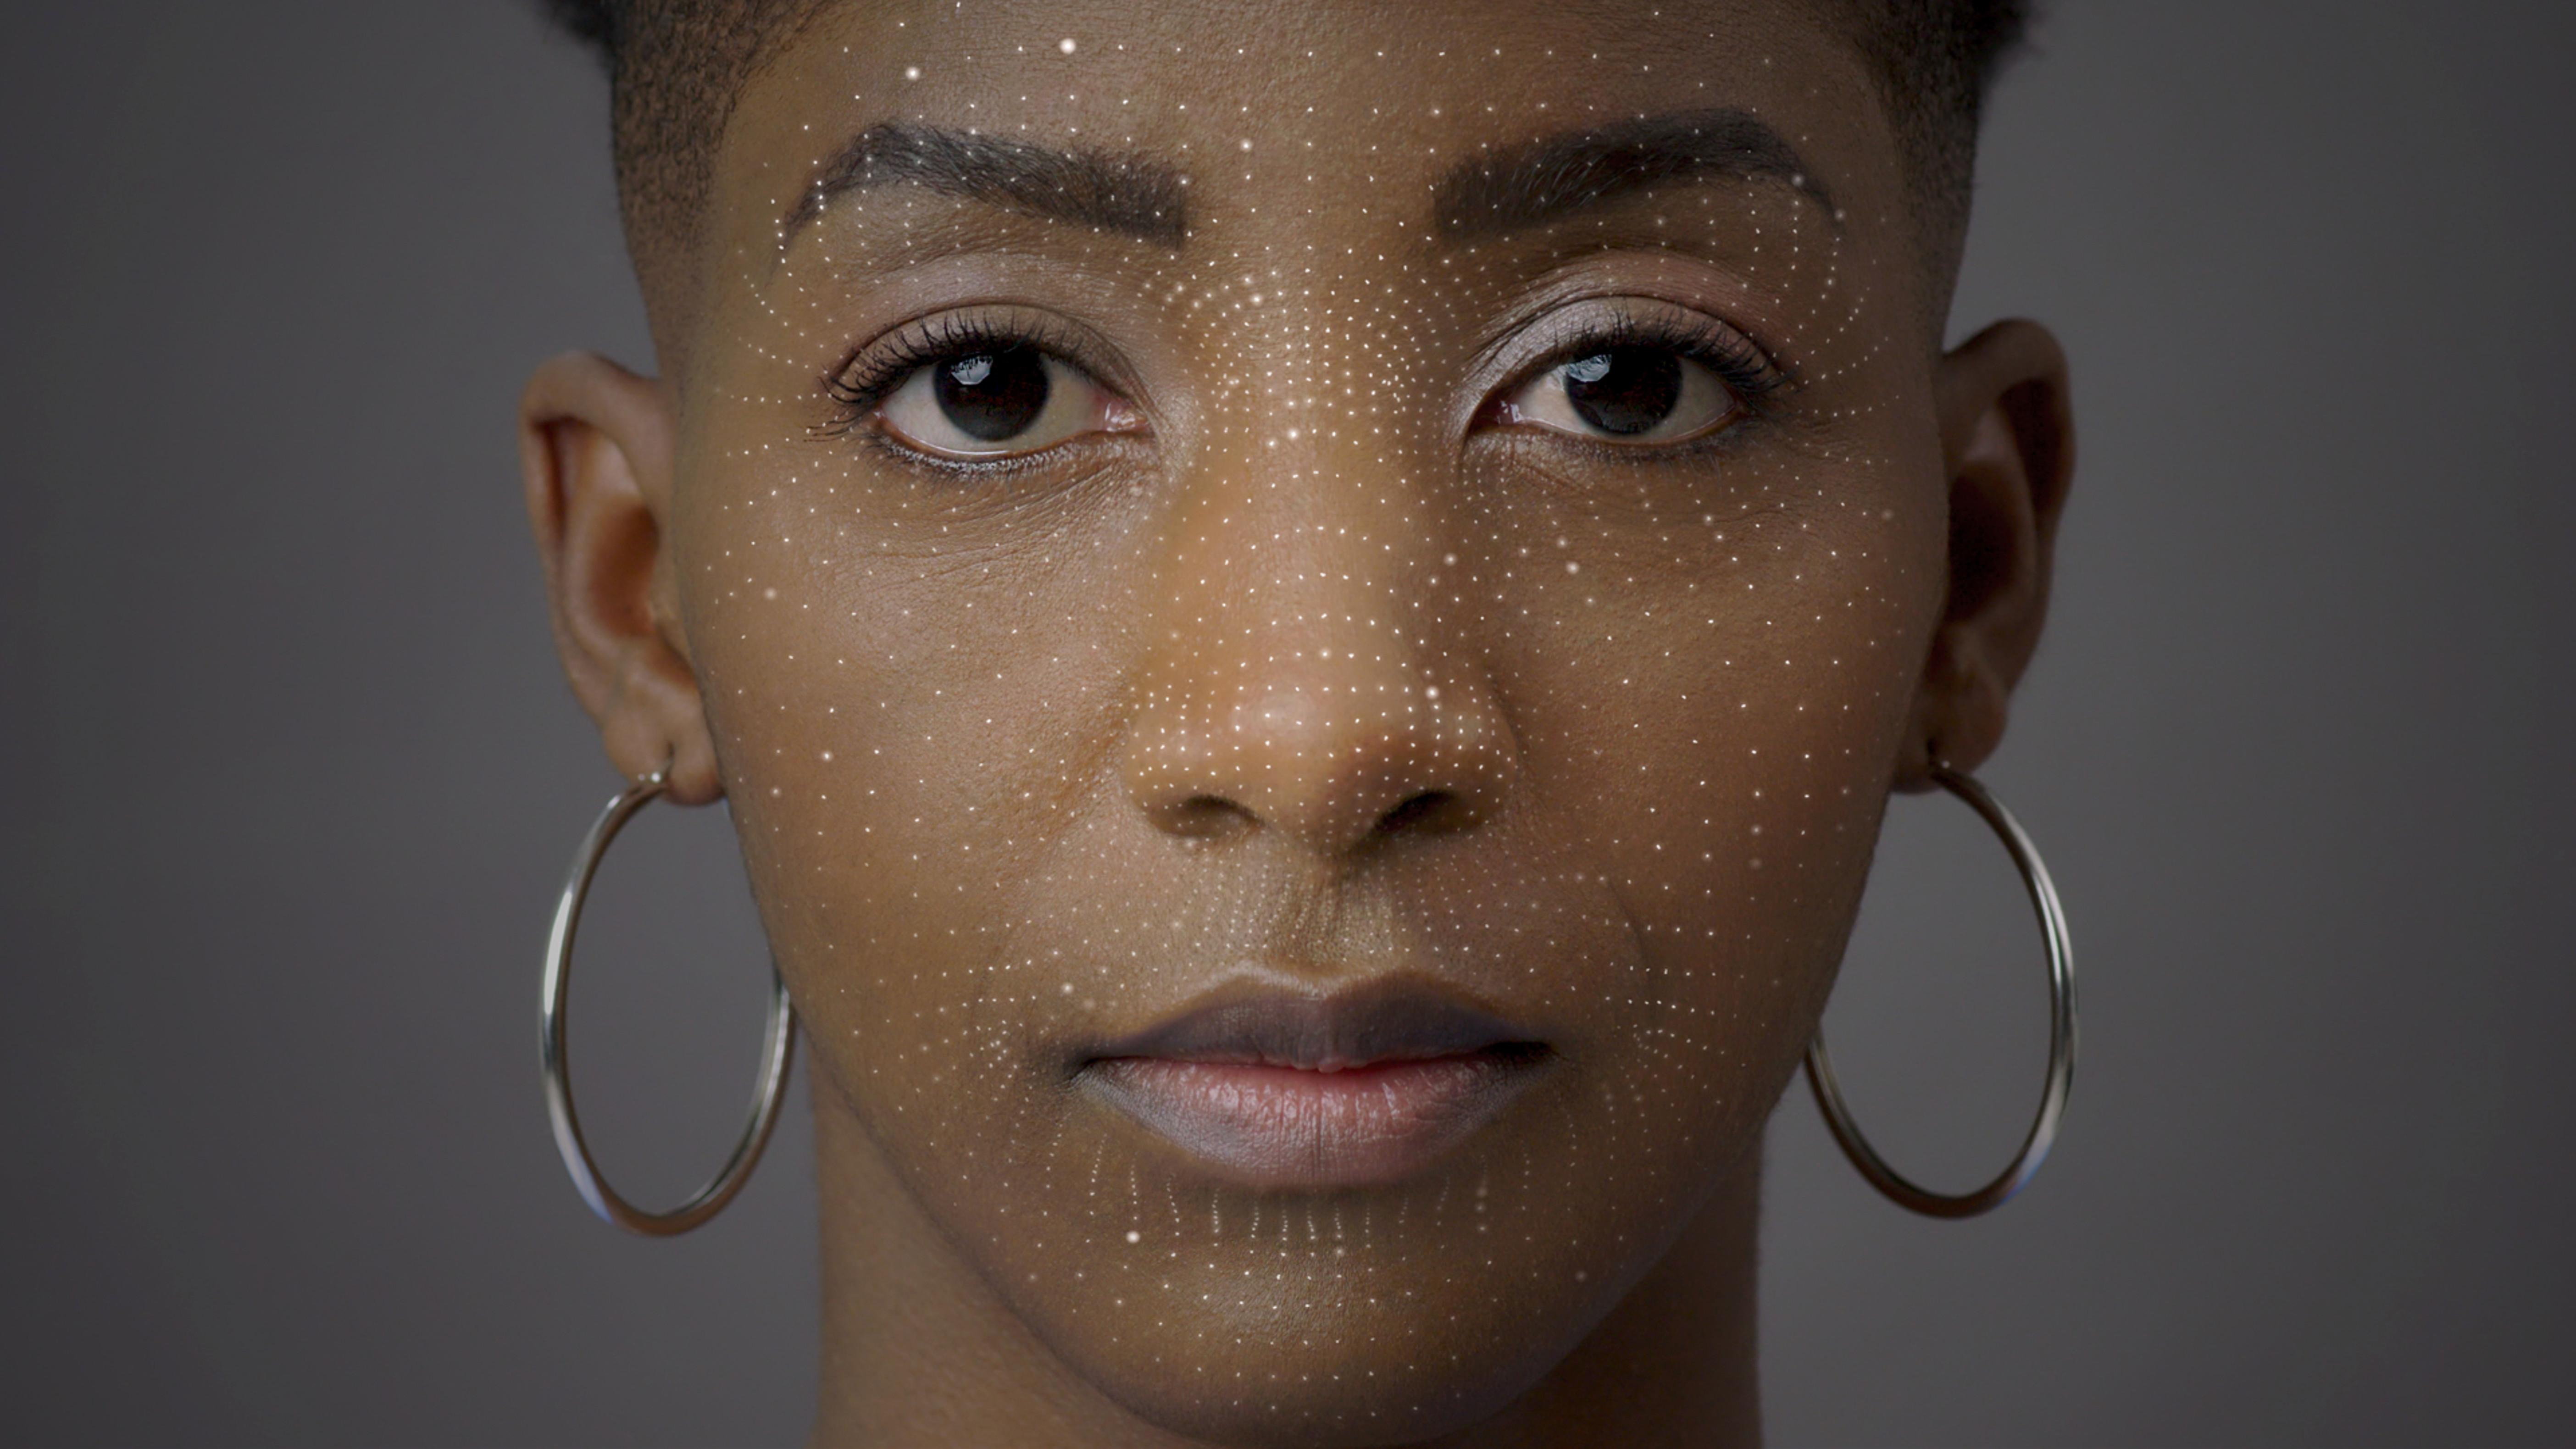 Gesichtserkennung / Facial Recognition 3D